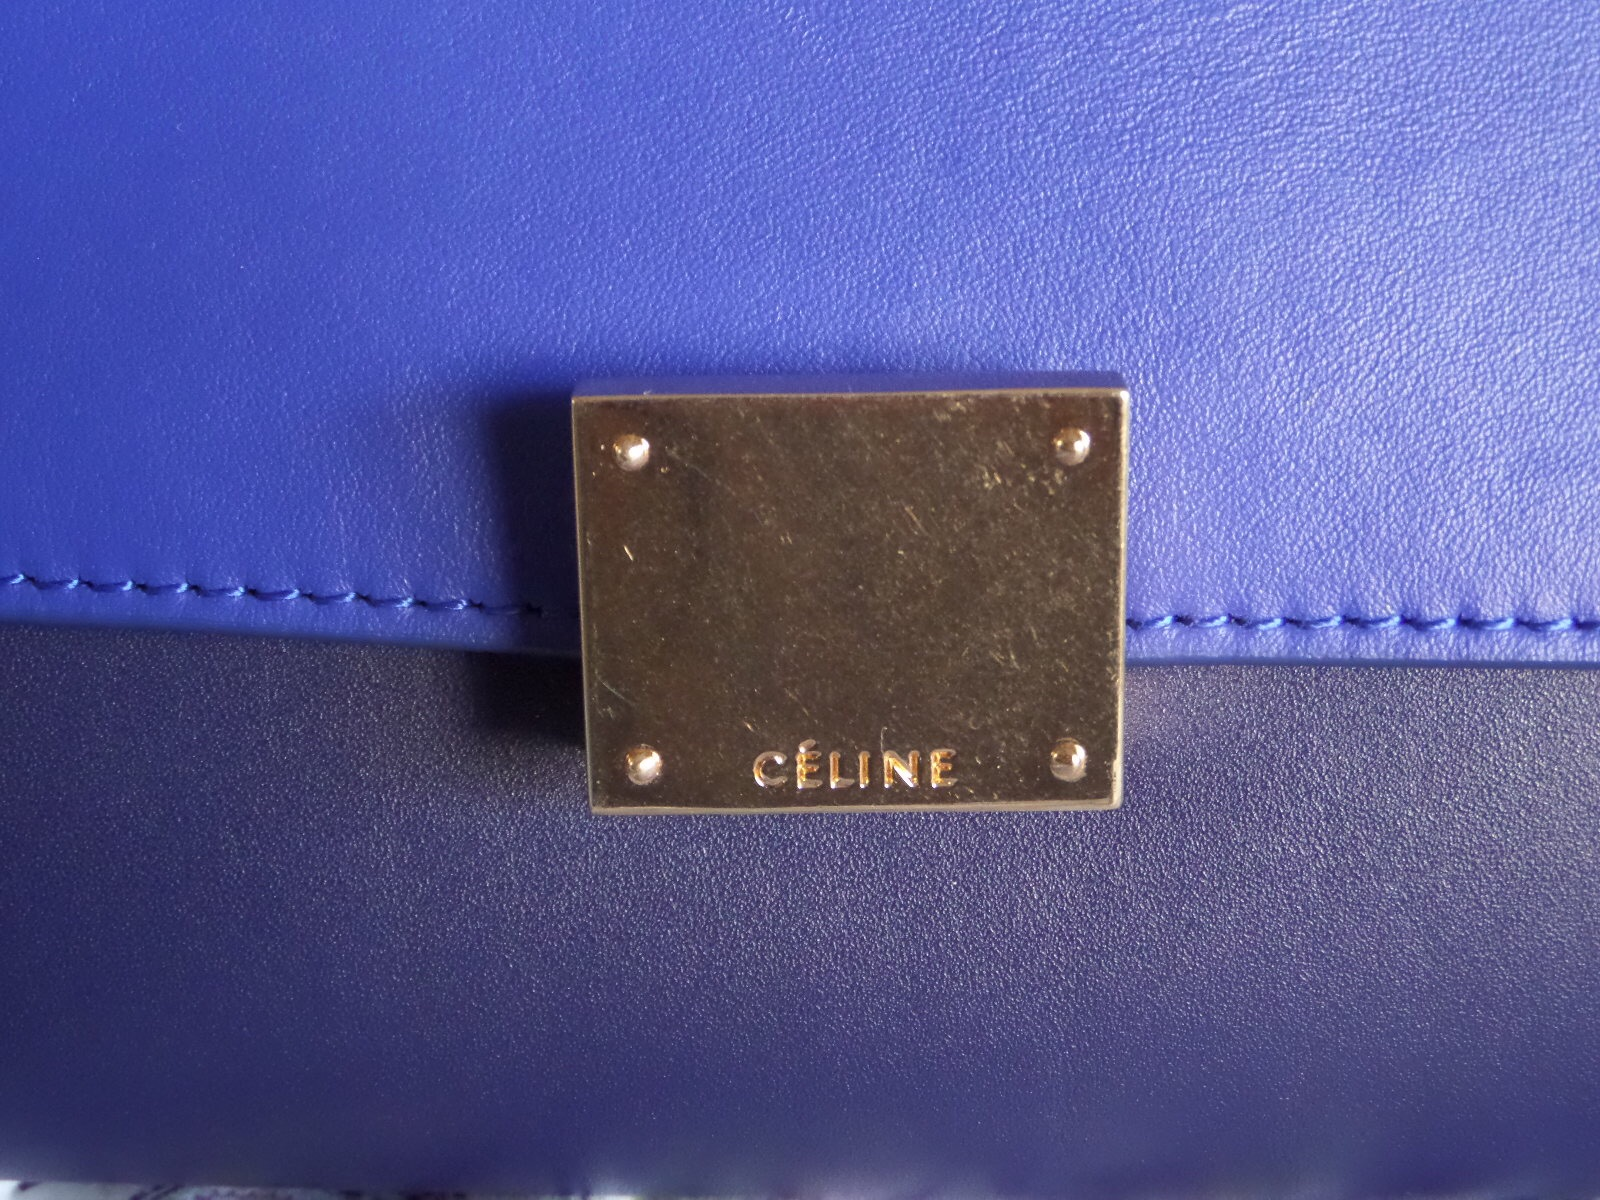 bag celine - Celine Trapeze Luggage Bag Authentication Quiz | Lollipuff